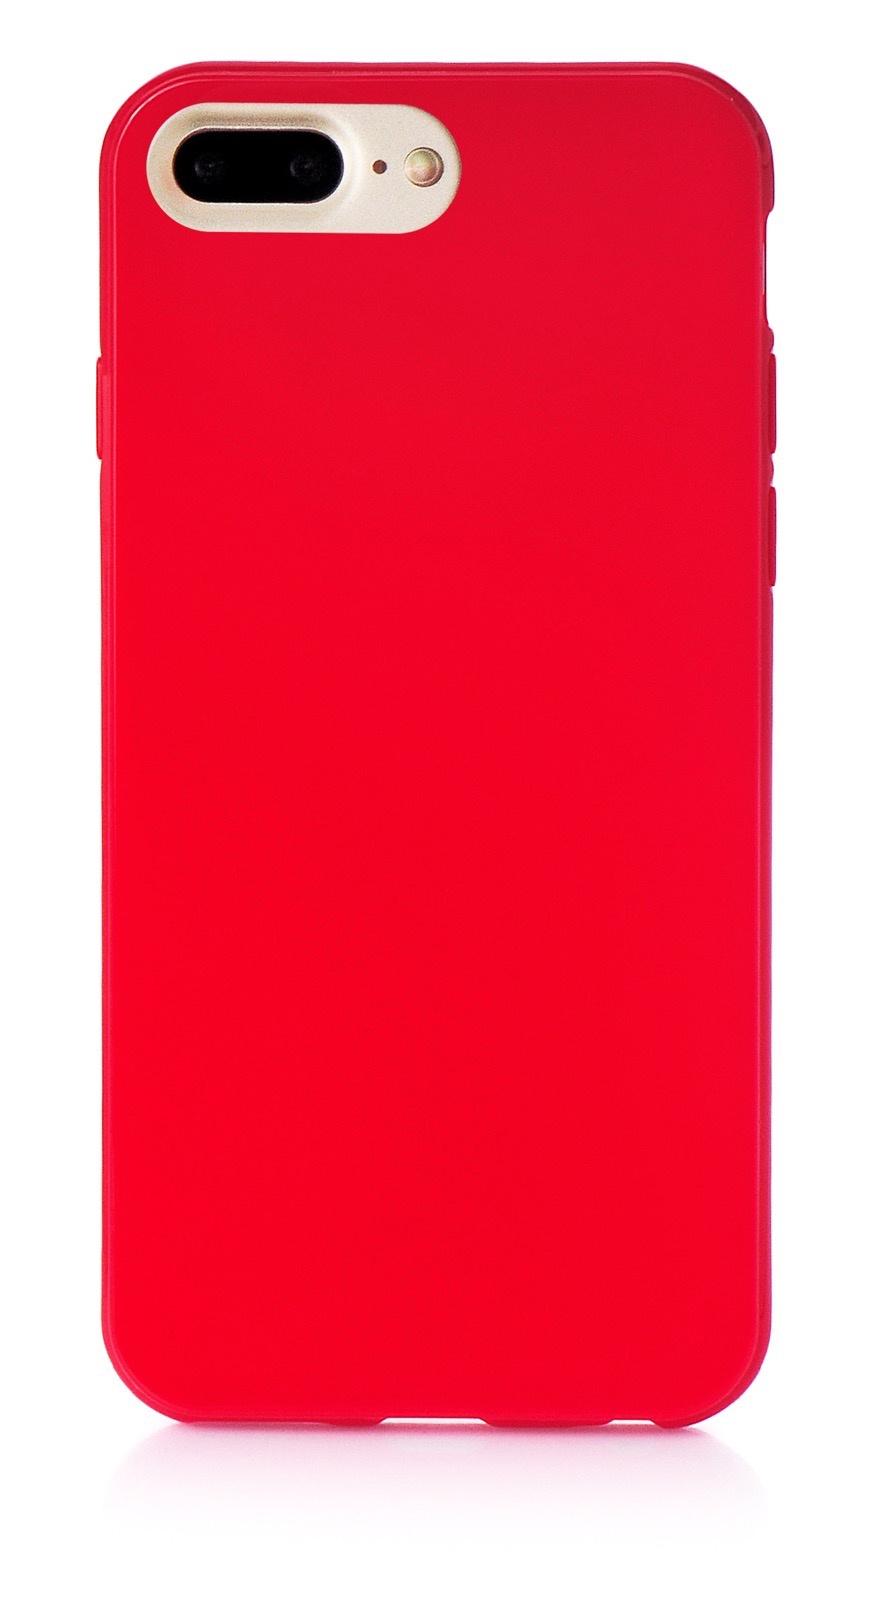 """Чехол для сотового телефона iNeez накладка силикон мыльница 901418 для Apple Iphone 7 Plus/8 Plus 5.5"""", красный"""